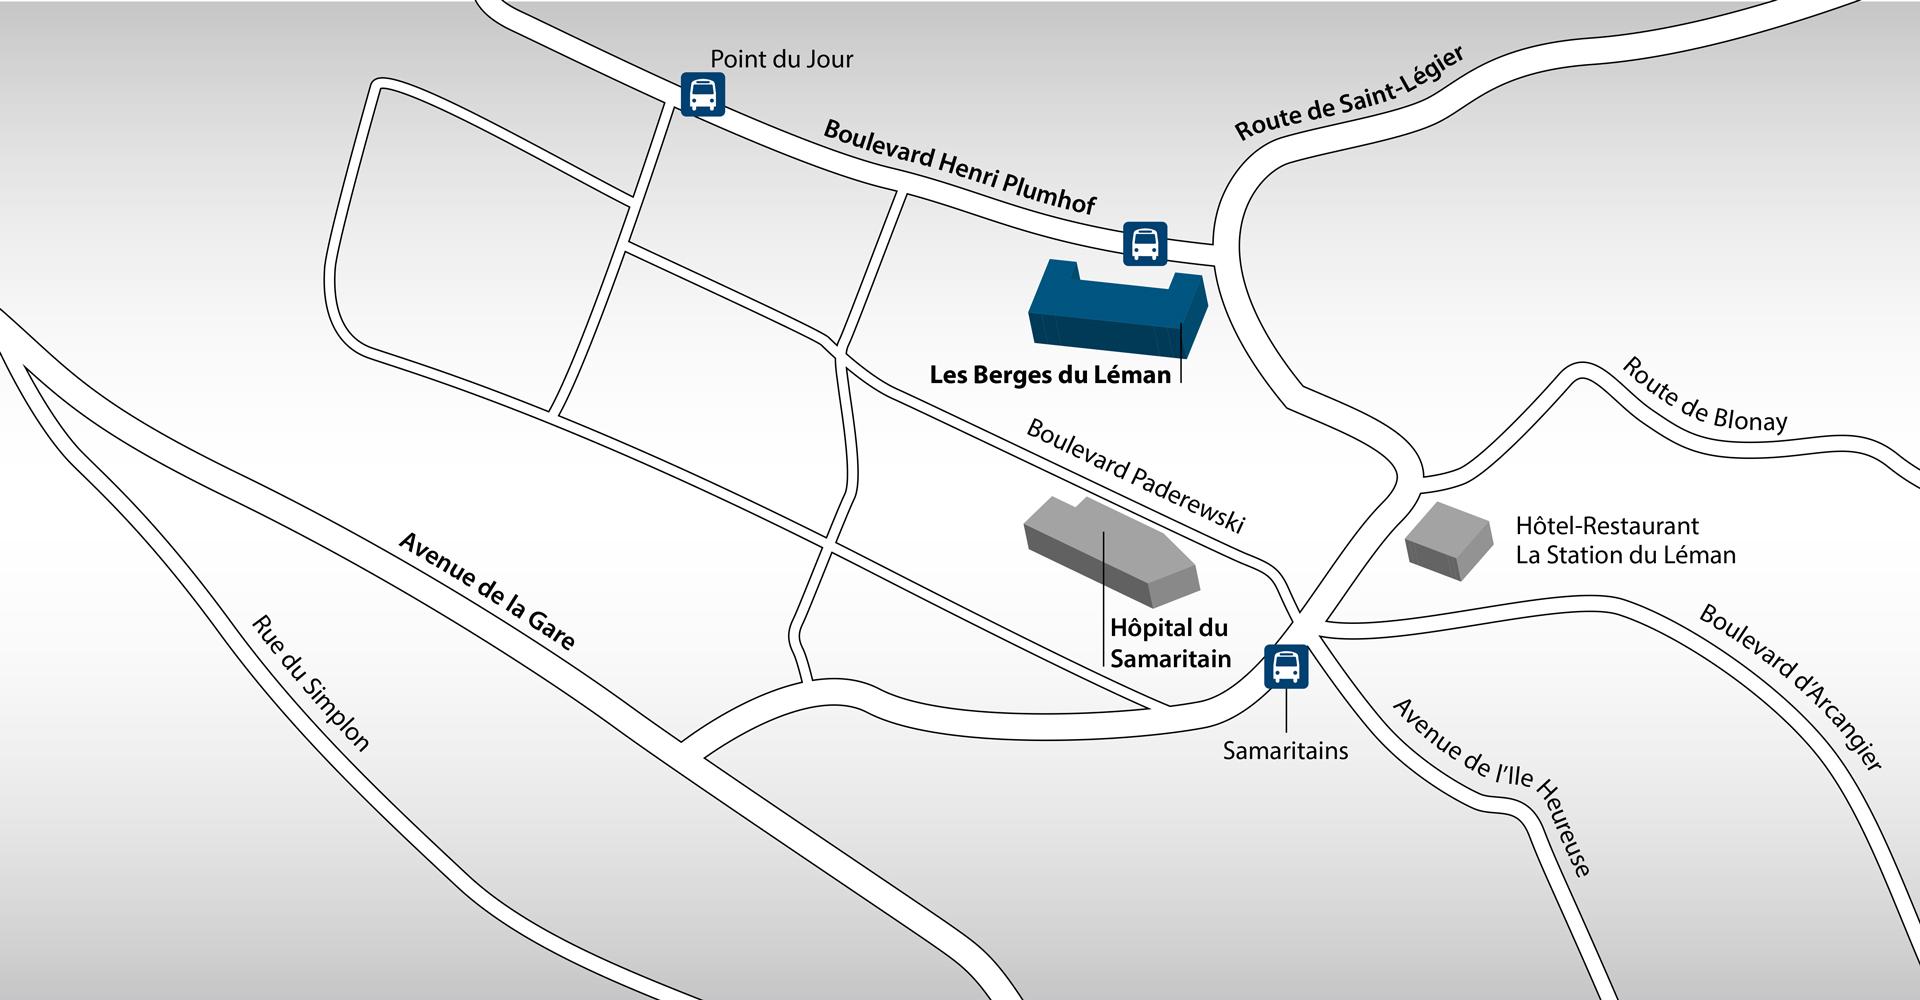 D'accès facile en voiture, l'établissement l'est tout autant en bus. Depuis Vevey, le n°202 passe par l'arrêt « Les Berges du Léman » situé juste devant la résidence. L'établissement dispose d'un parking.